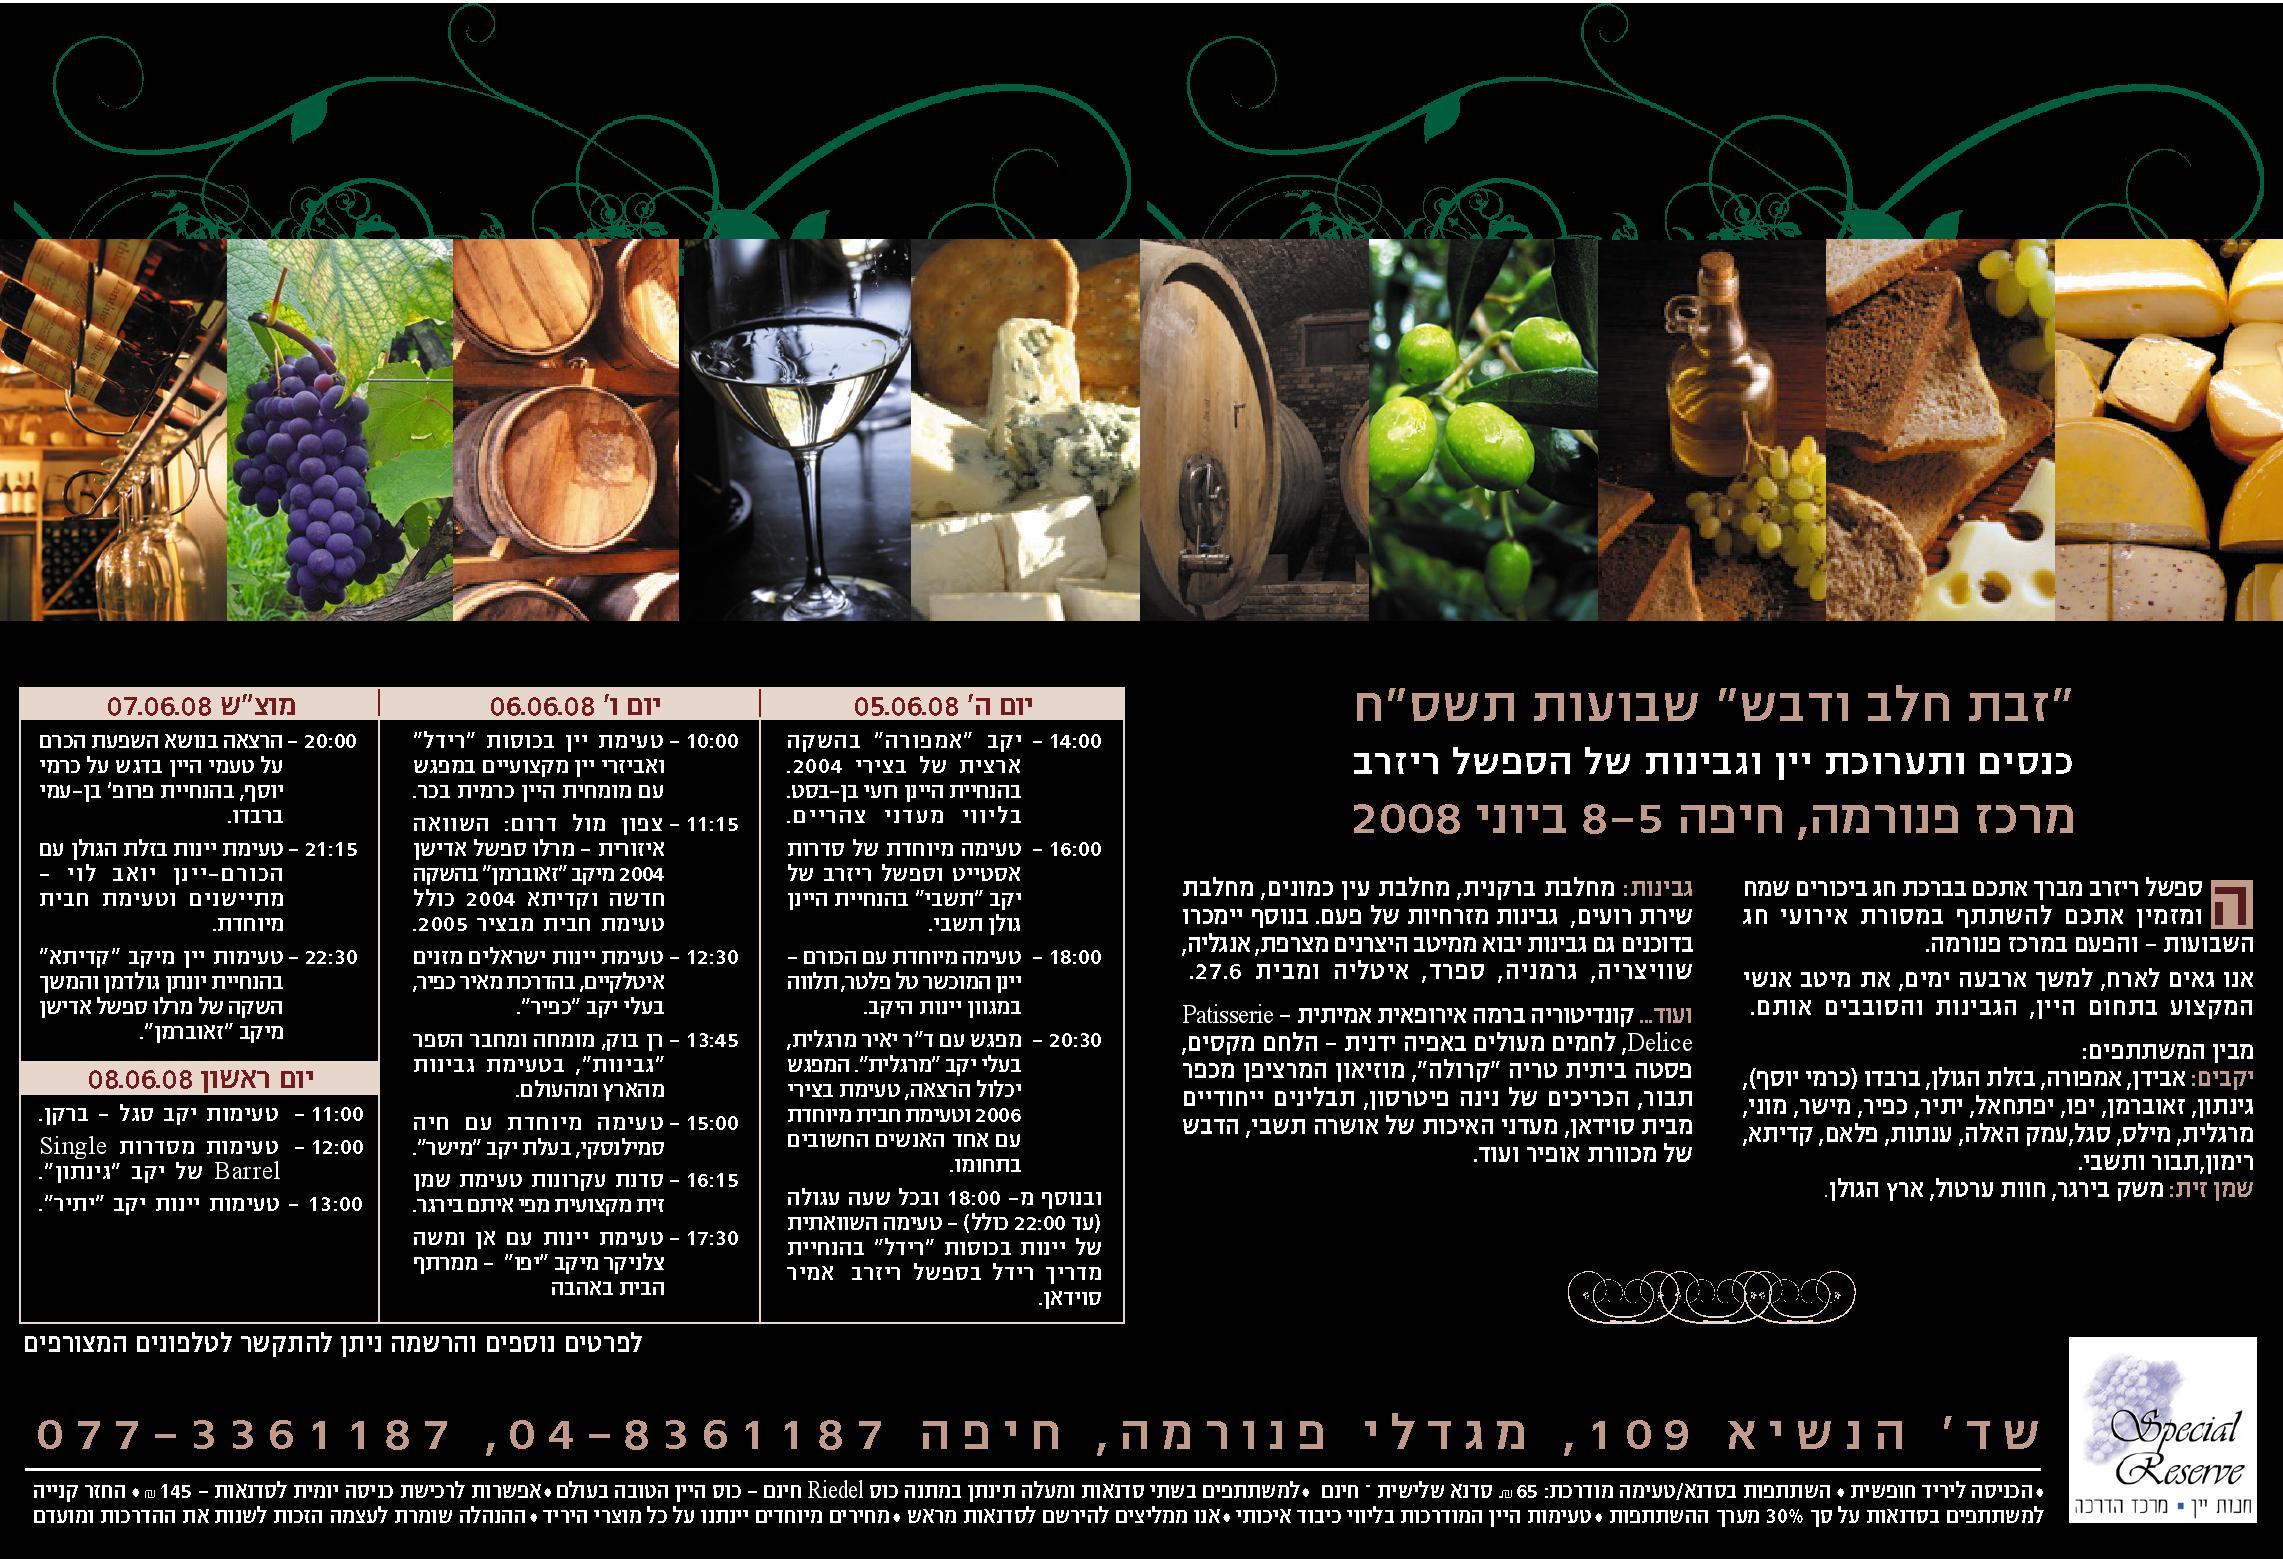 אירוע שבועות בספשל רזרב בחיפה